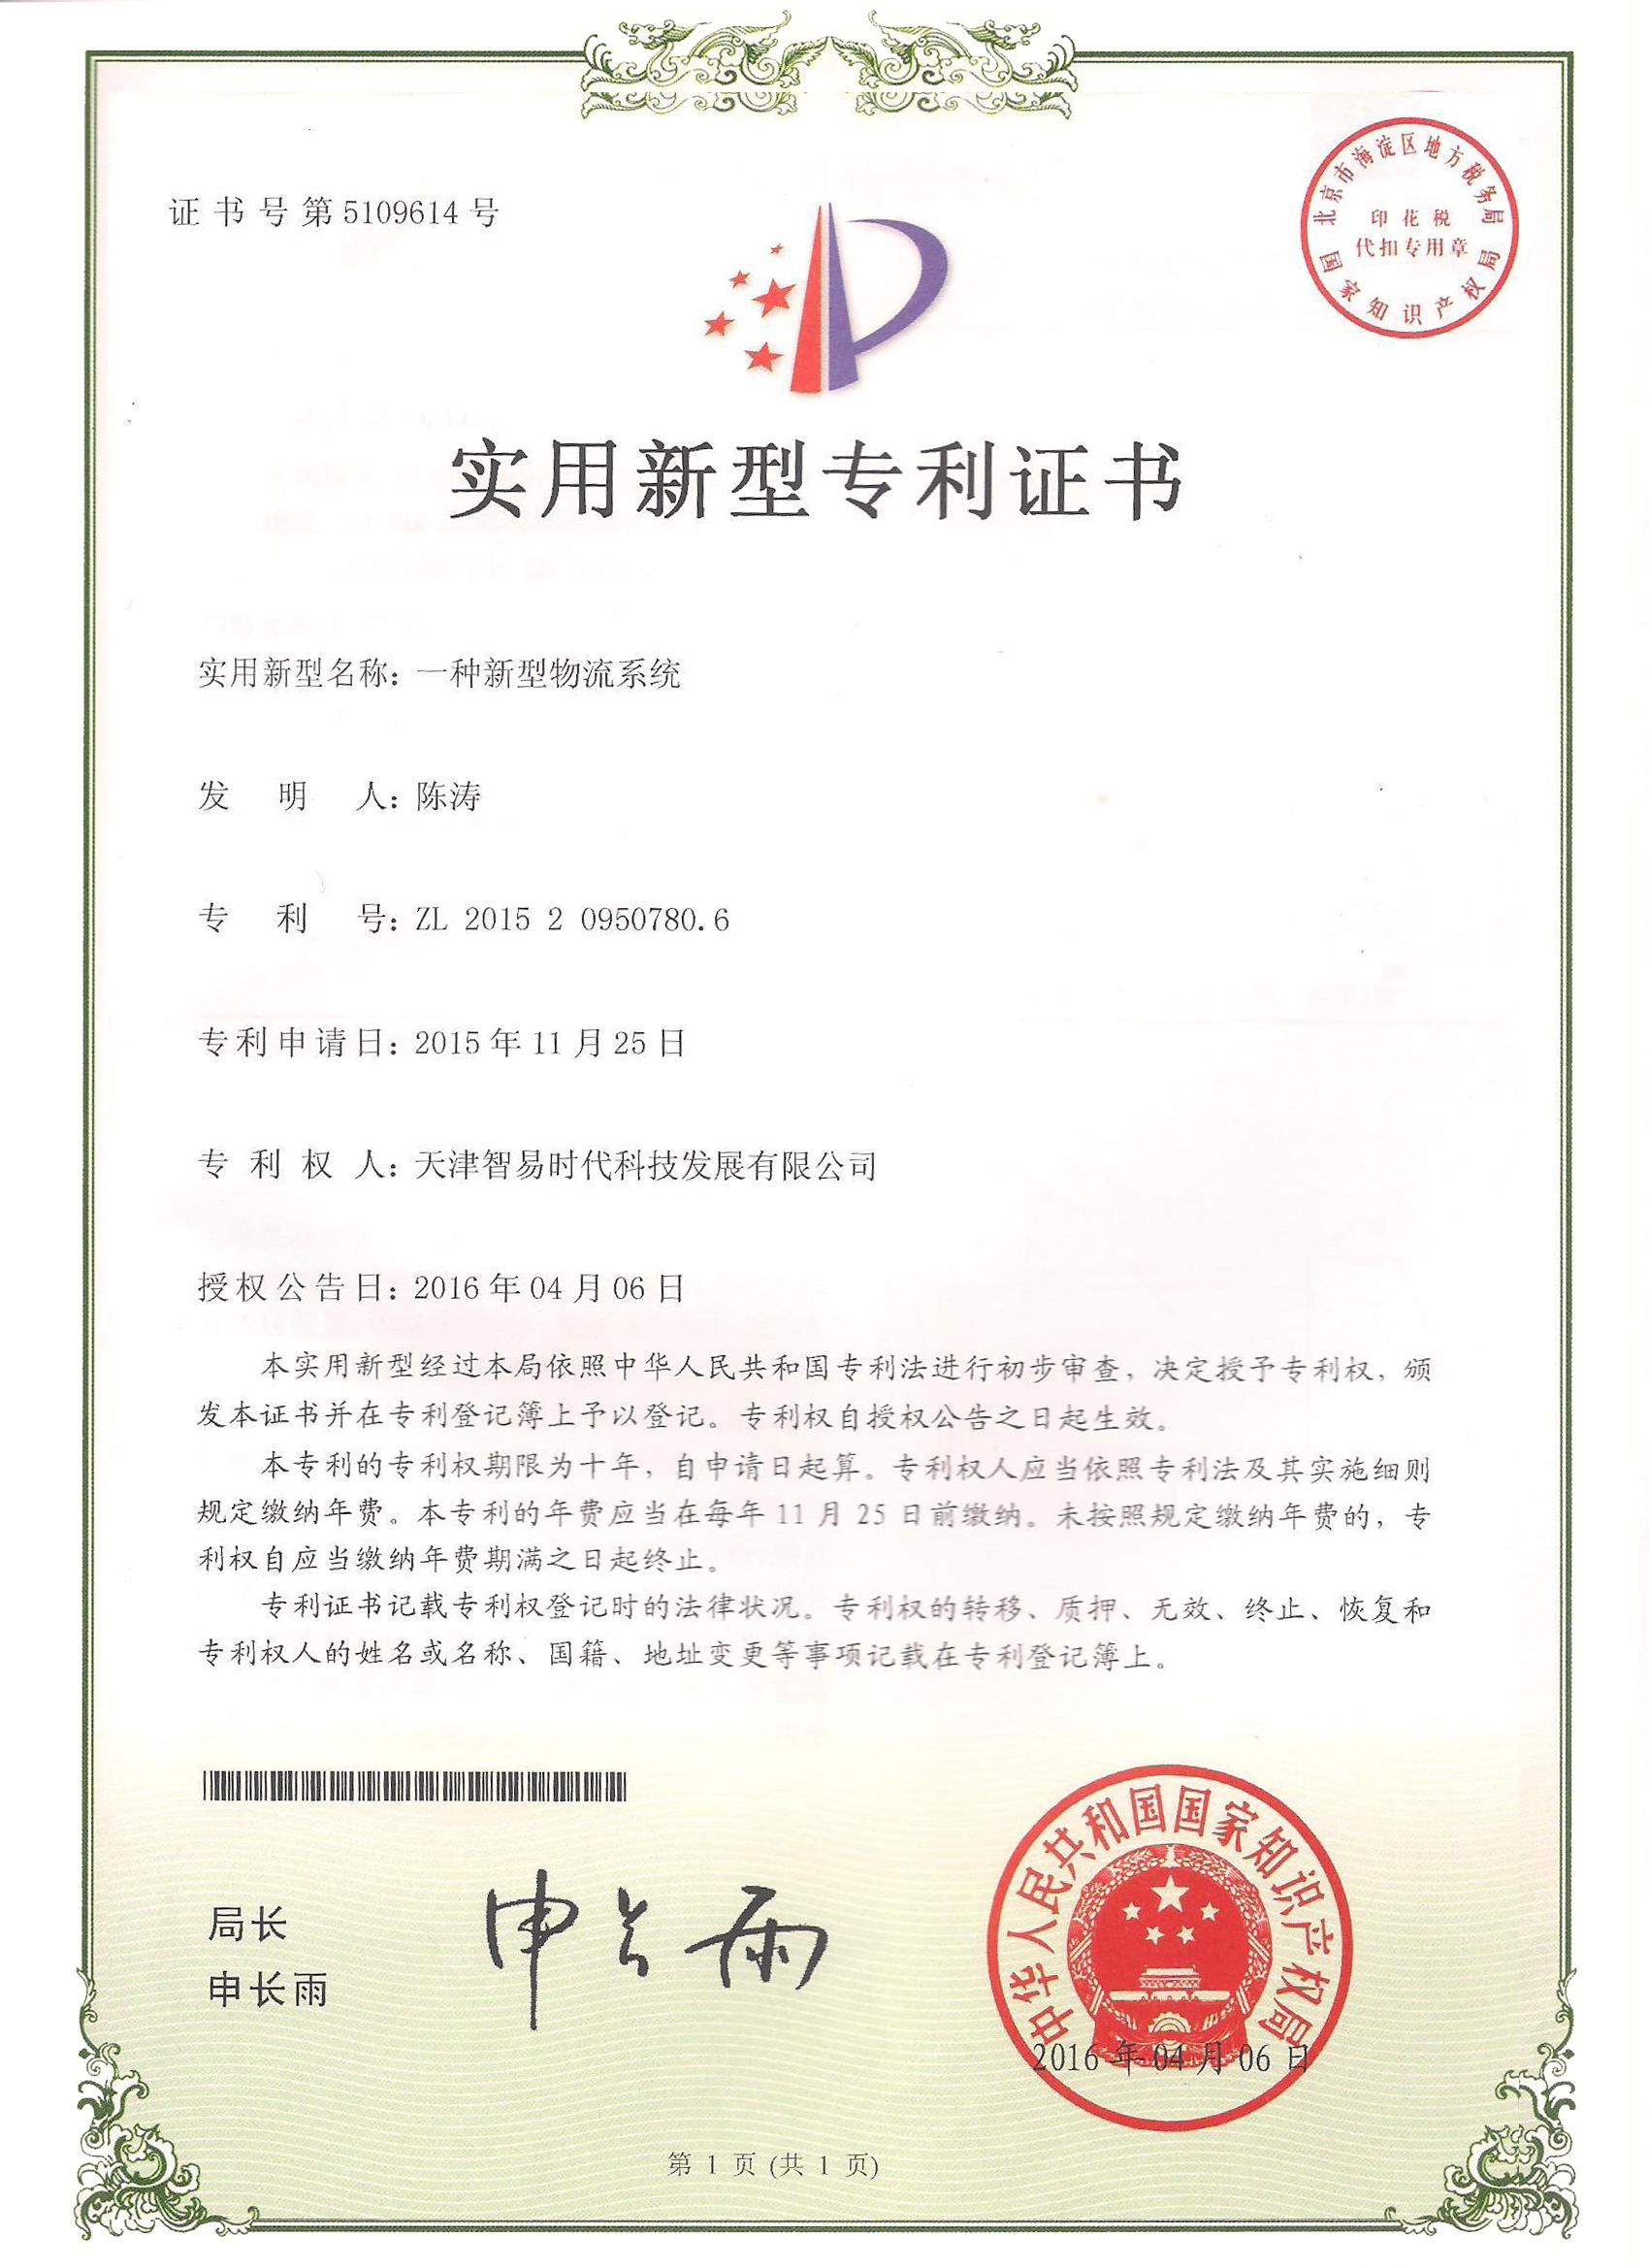 物流系统专利